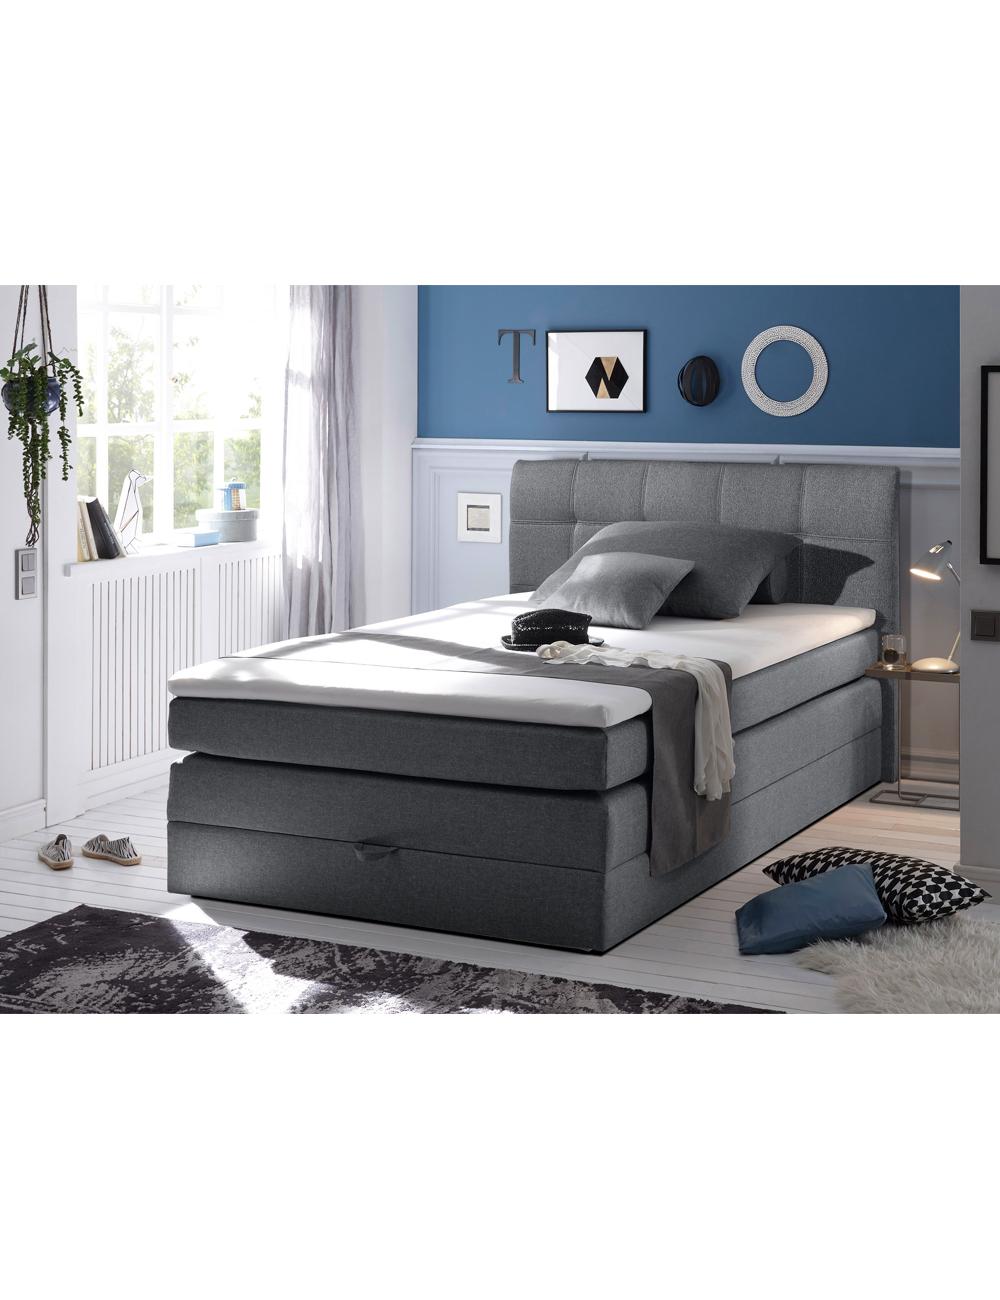 lit boxspring denver 140 x 200 cm. Black Bedroom Furniture Sets. Home Design Ideas